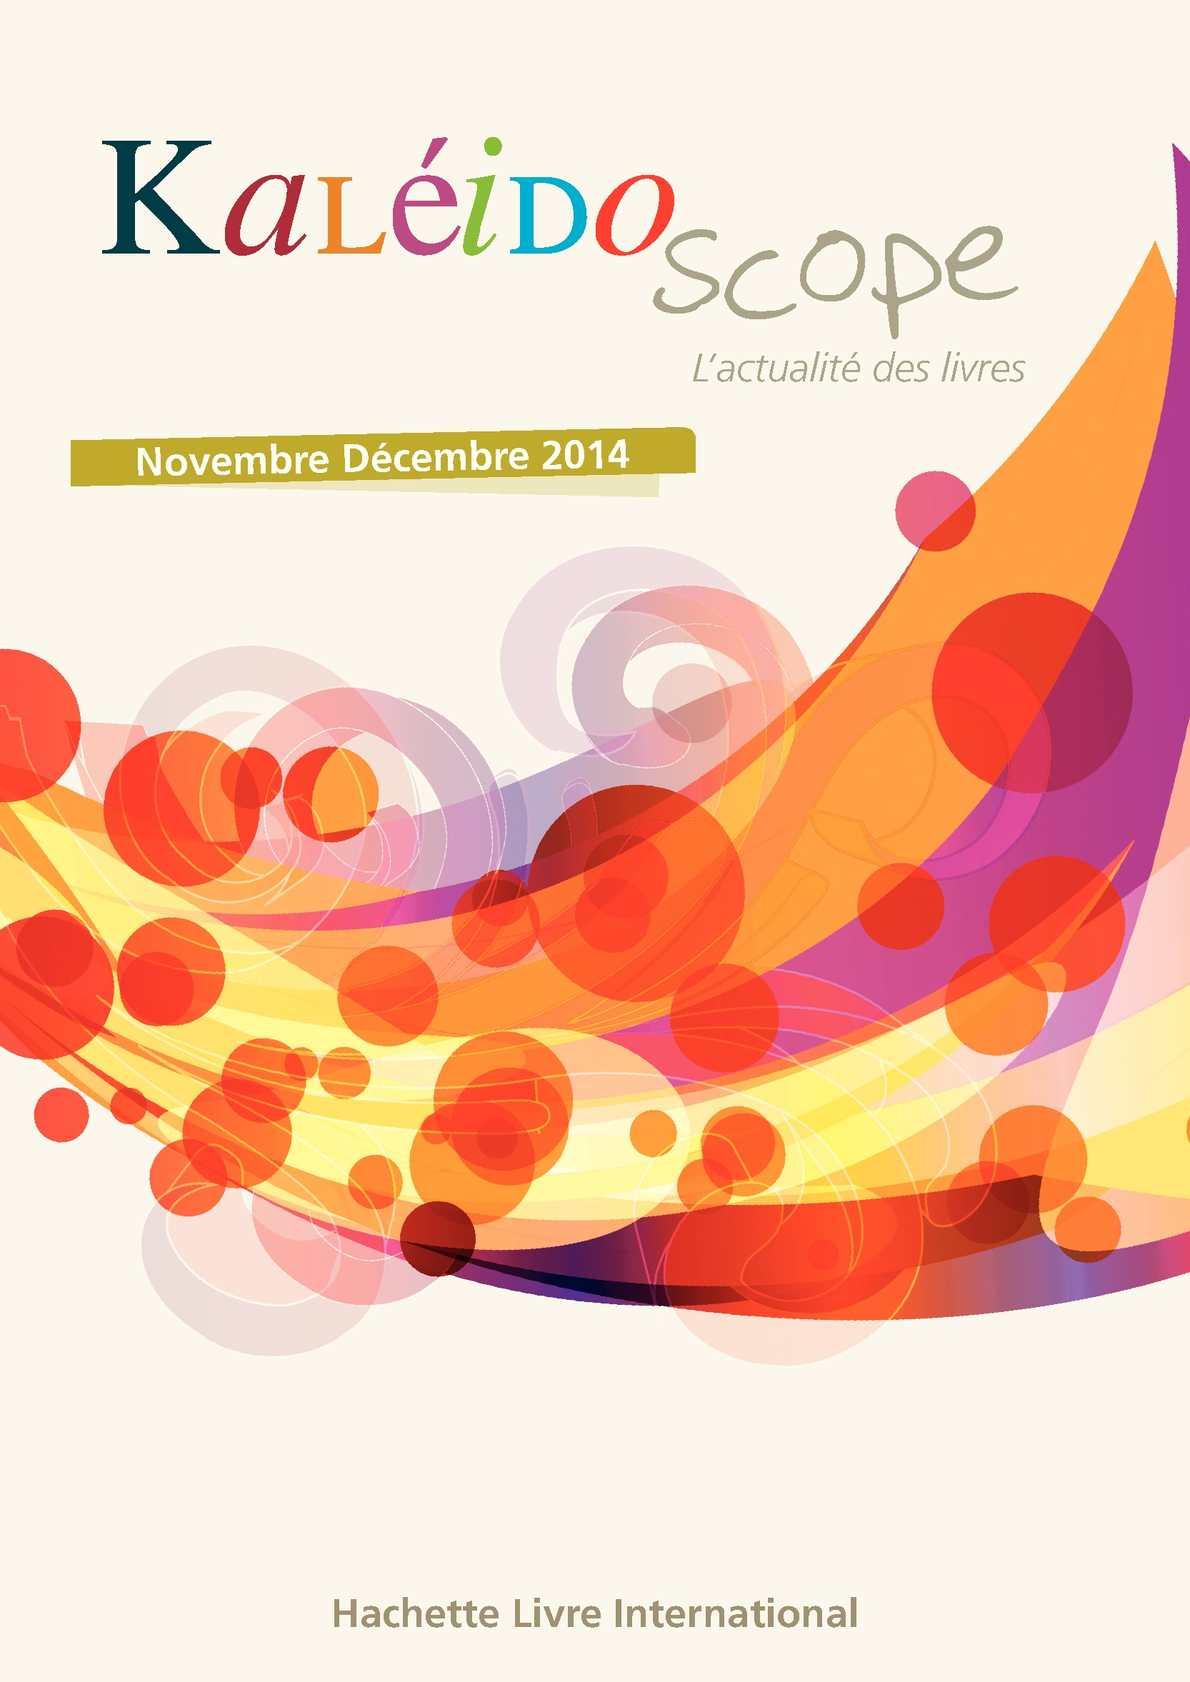 Kl Novembre Decembre 2014 Kl Novembre Calaméo Calaméo 2014 Calaméo Novembre Decembre Decembre Kl 8OwPn0k